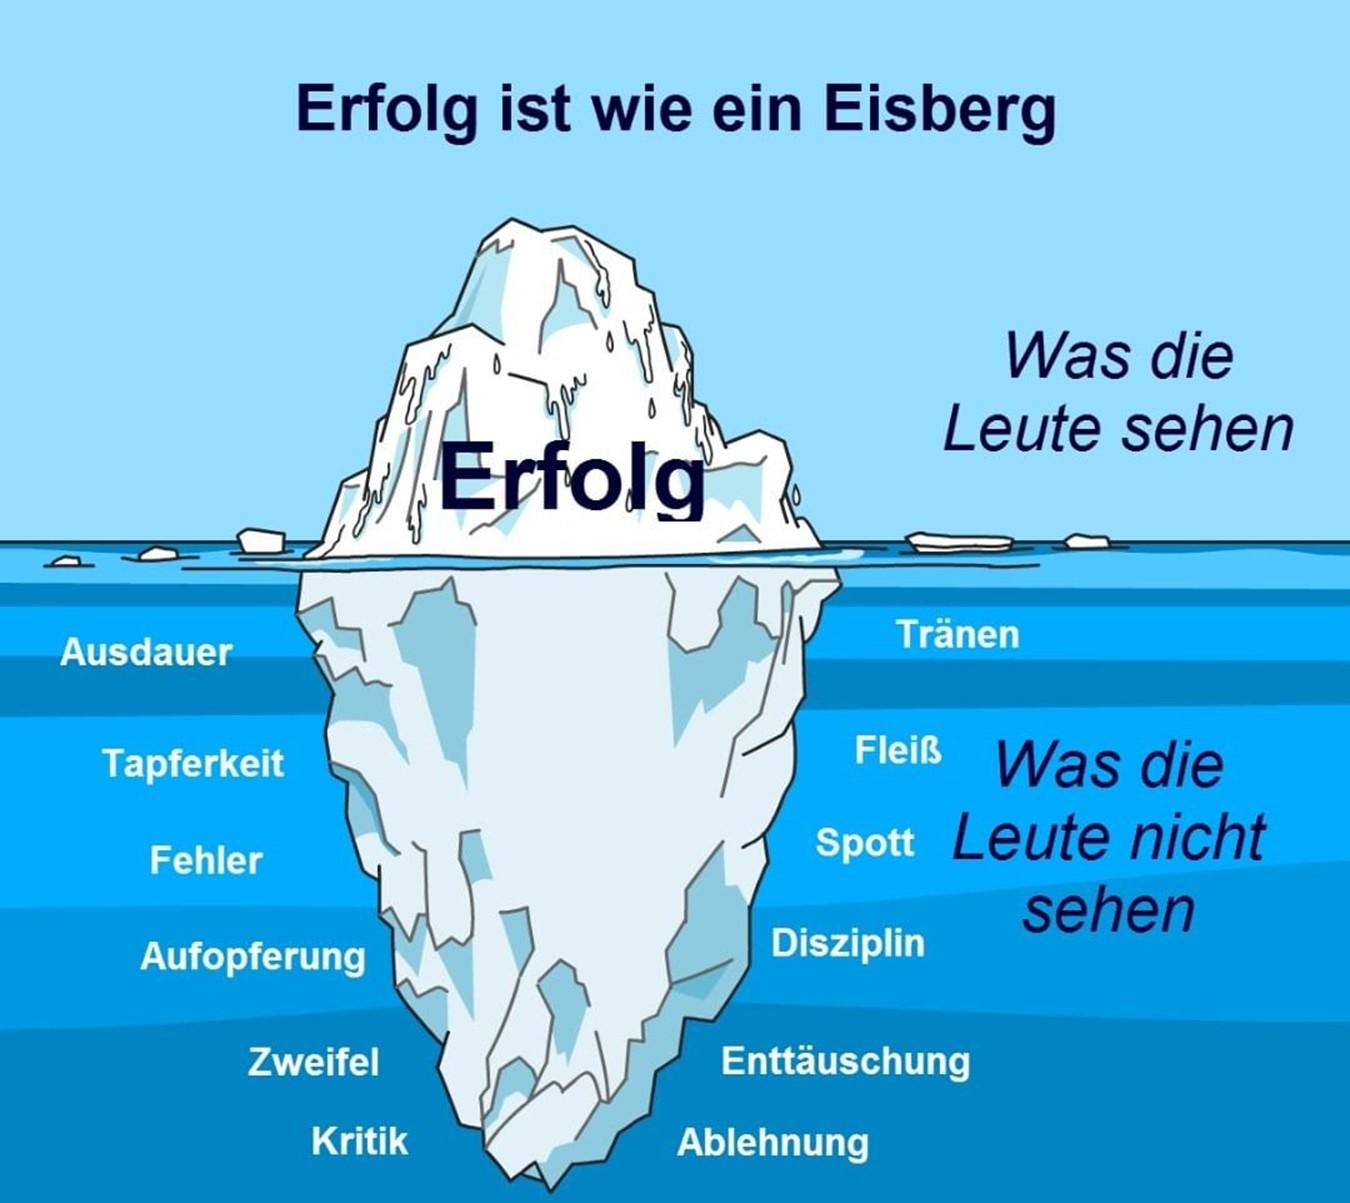 Erfolg ist wie ein Eisberg Motivation Weitermachen